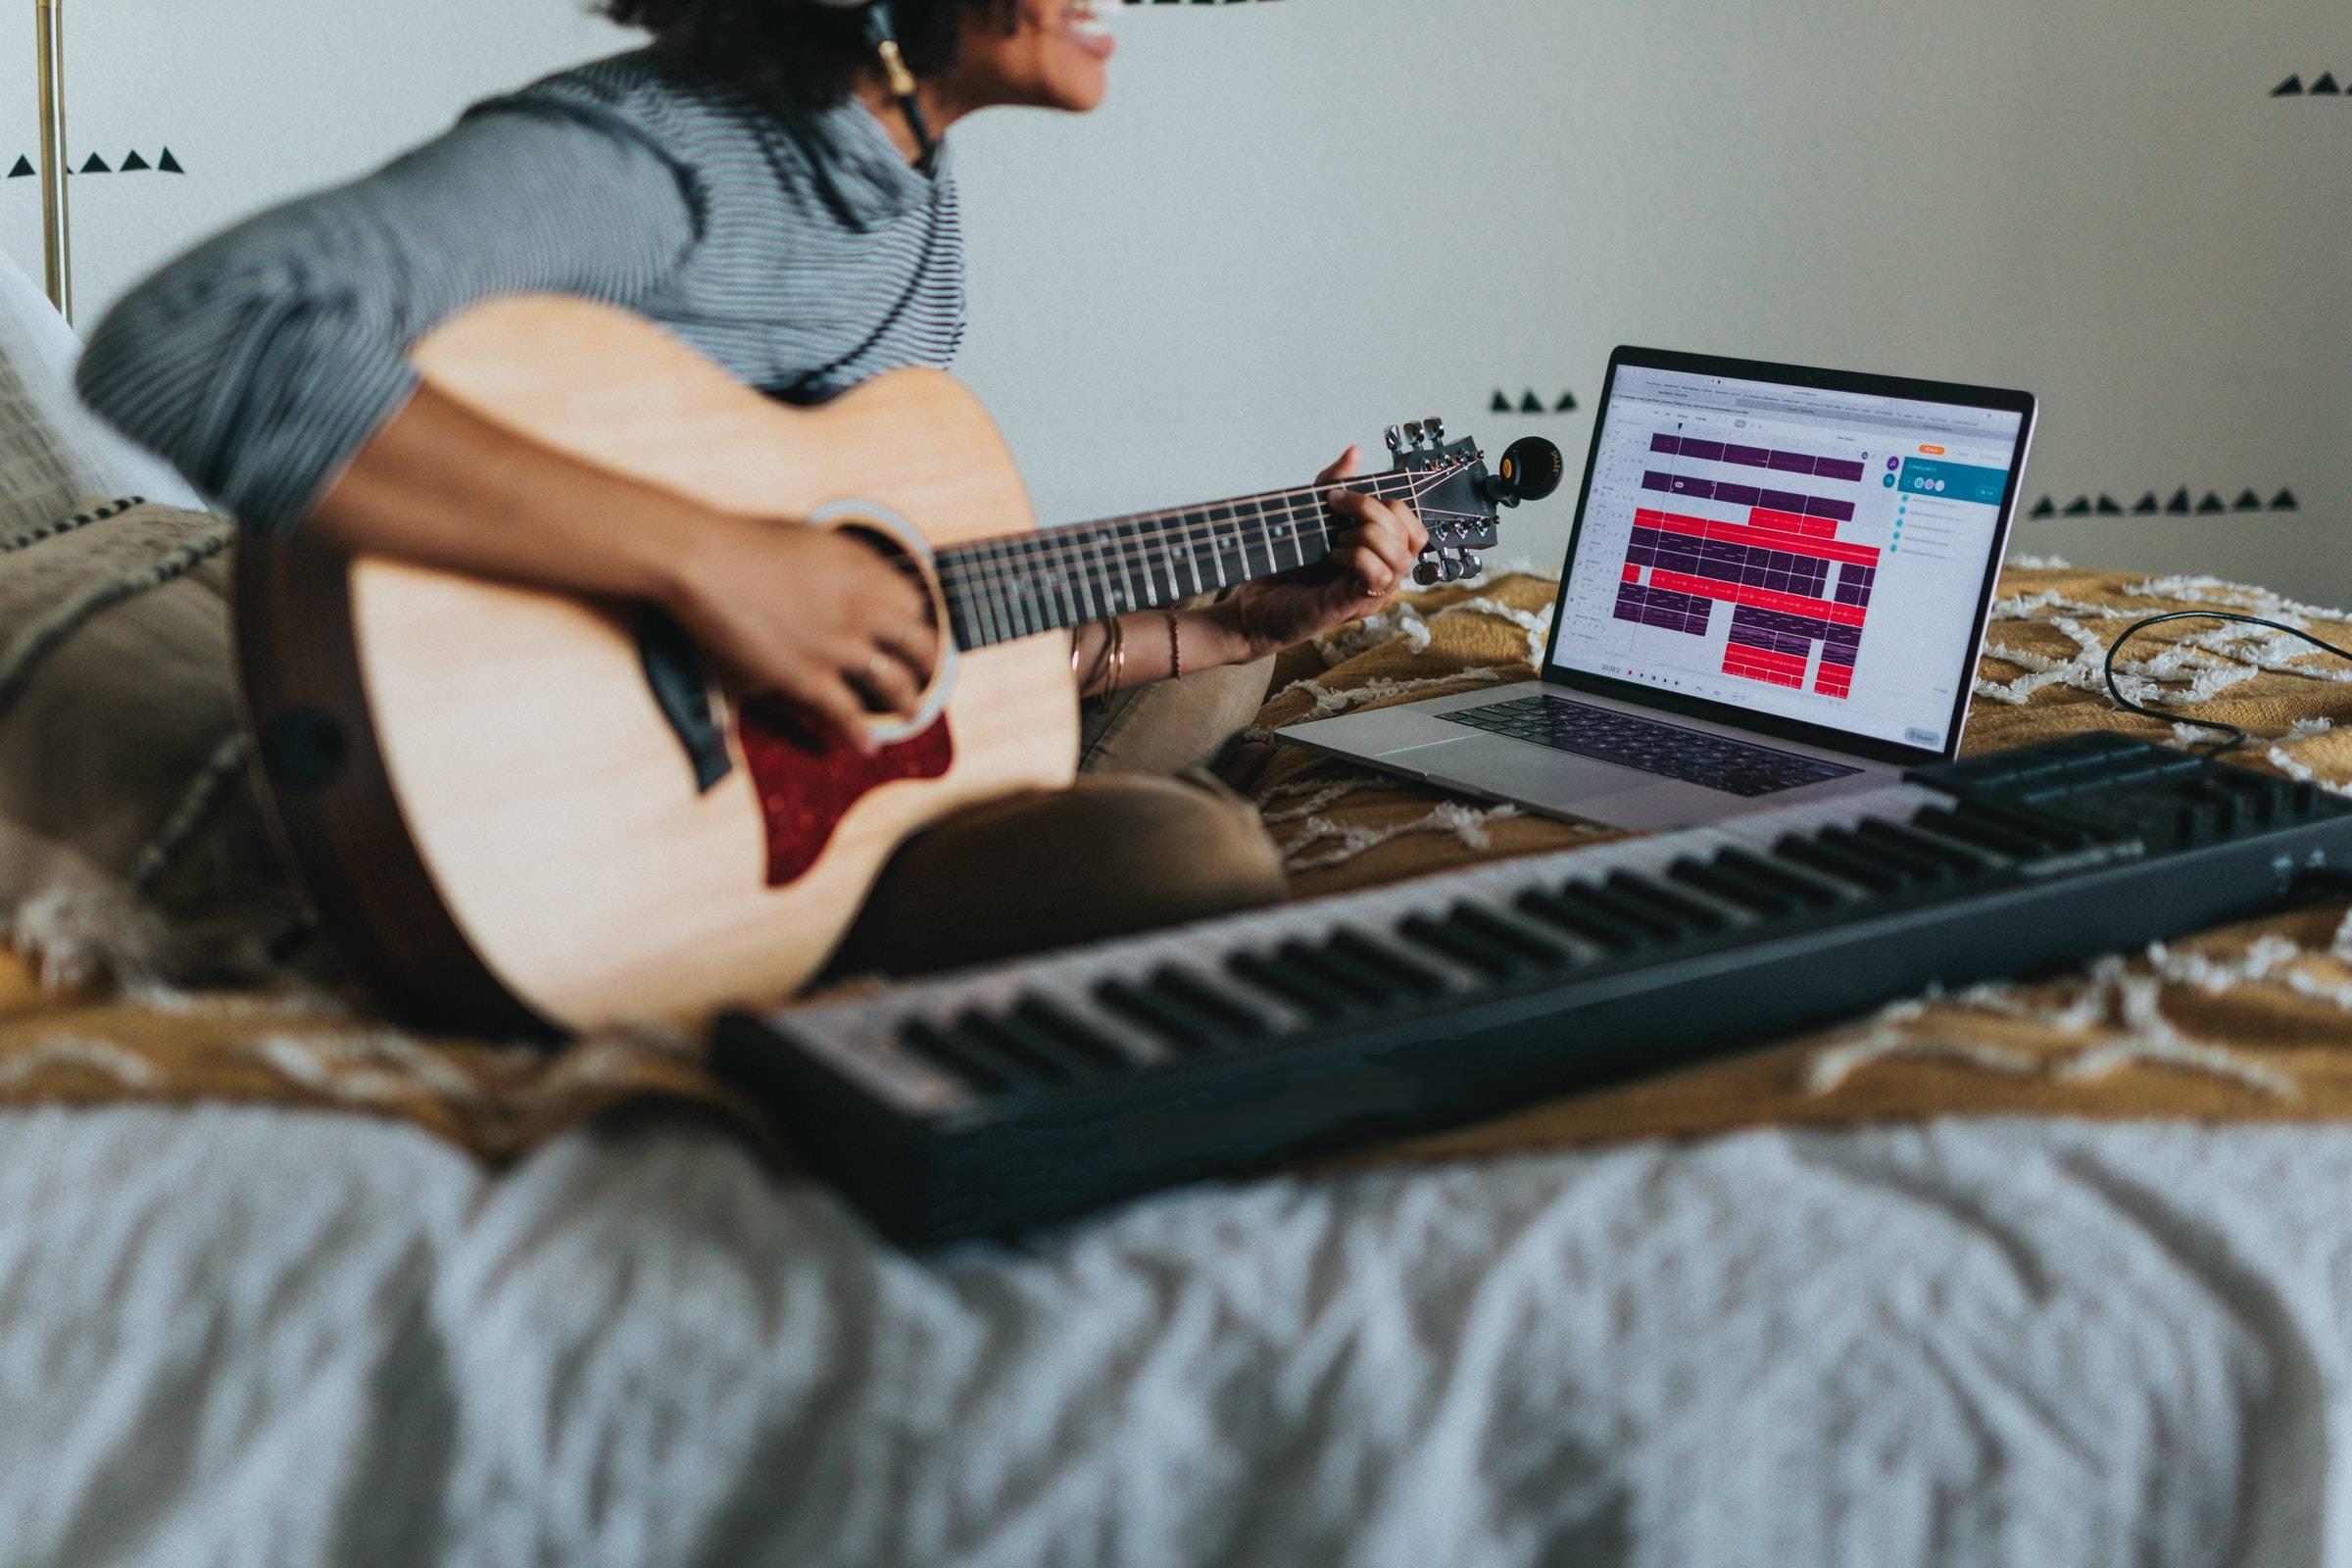 Učenje kitare na daljavo